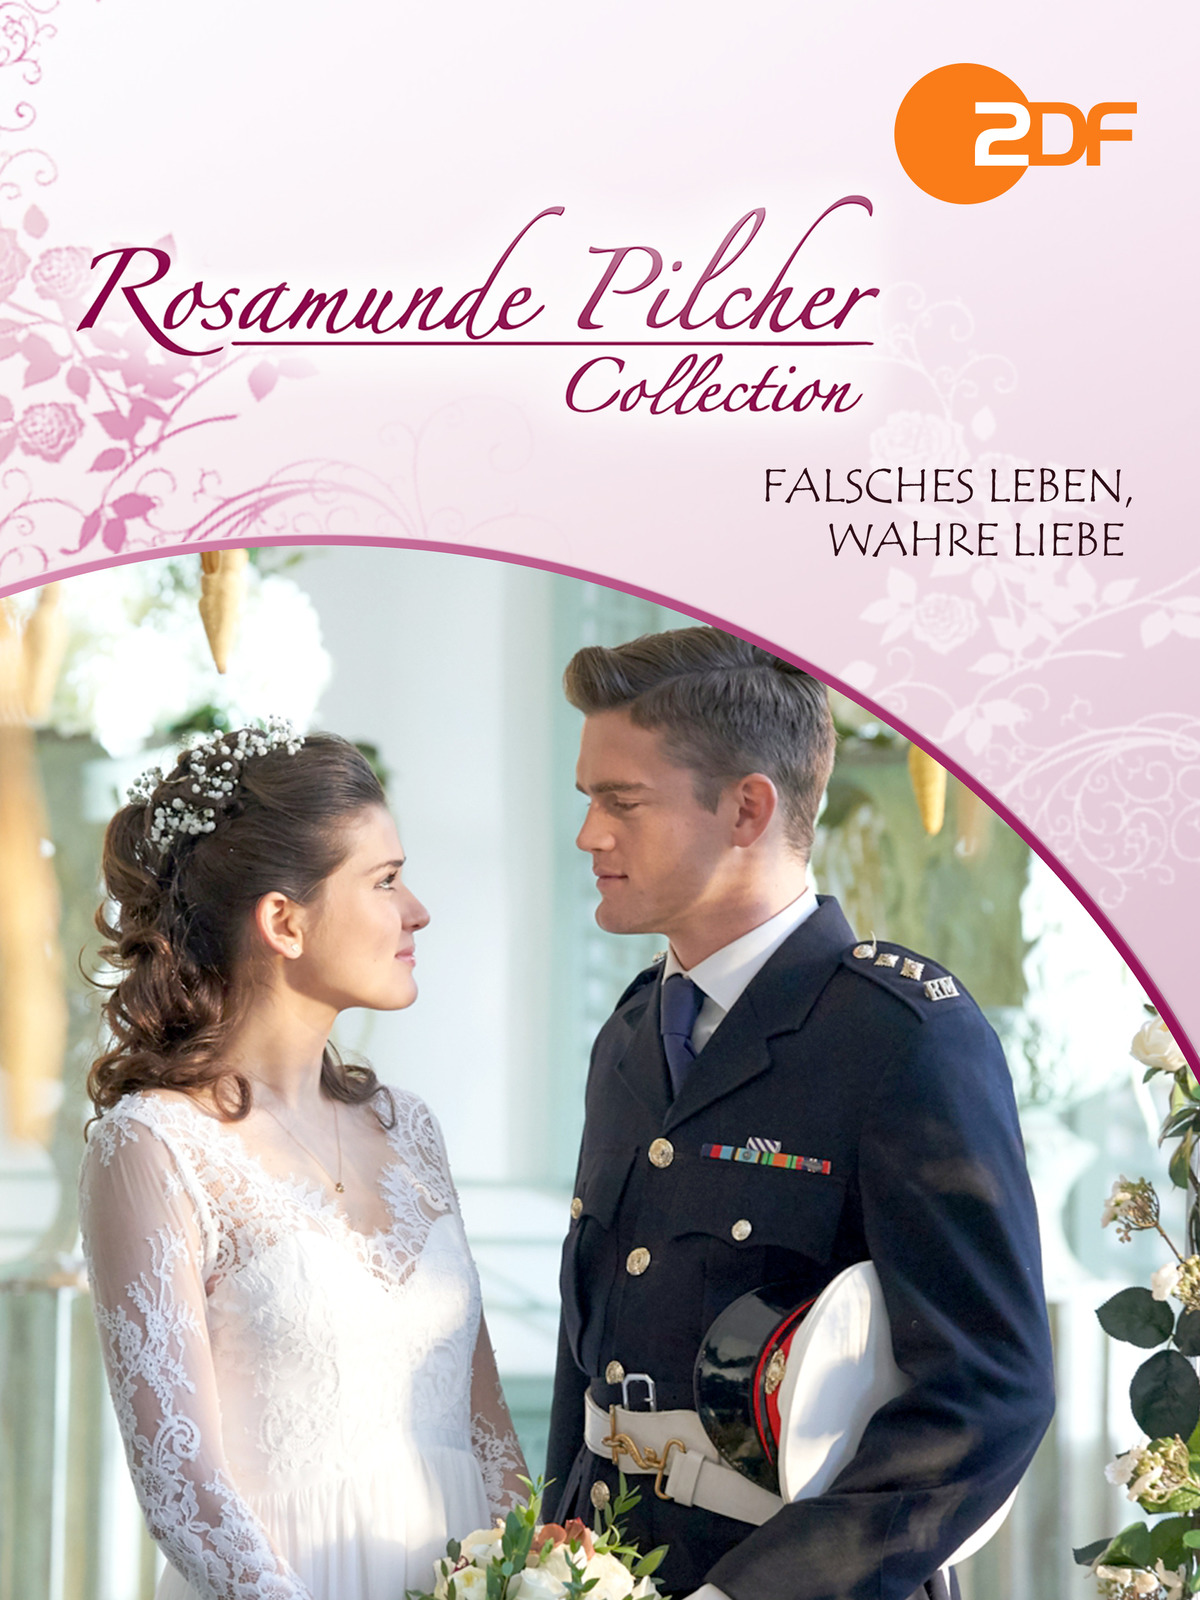 Rosamunde Pilcher - Falsches Leben, wahre Liebe